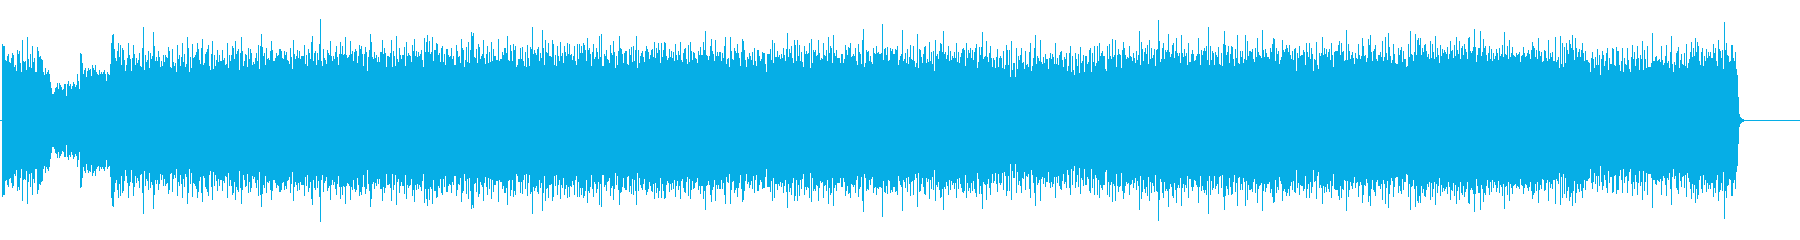 豪快でスピーディーなヘヴィーメタルの再生済みの波形